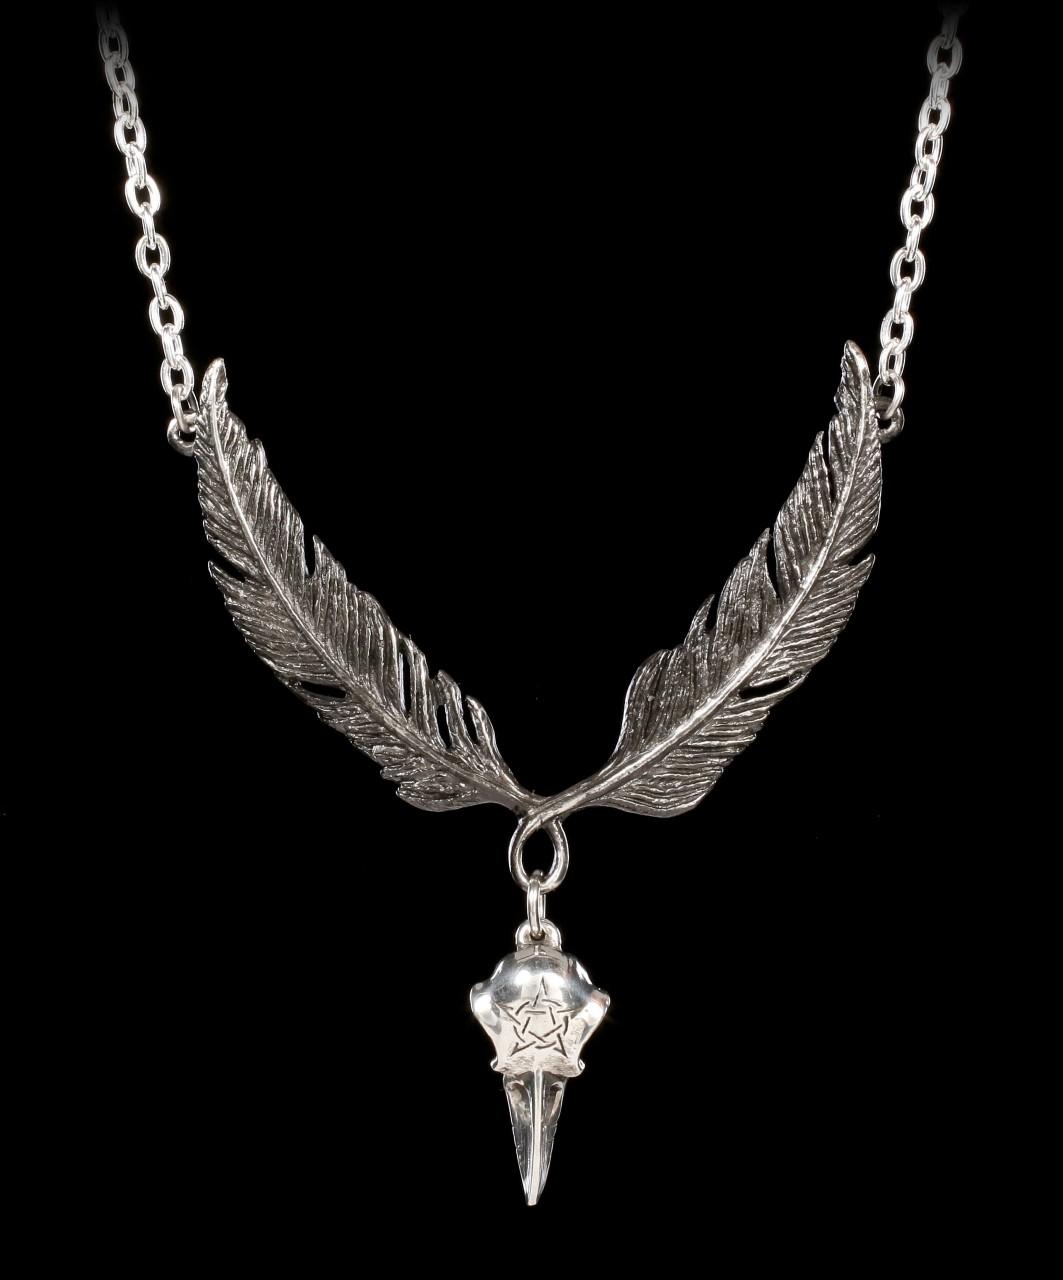 Alchemy Gothic Necklace - Incrowtation